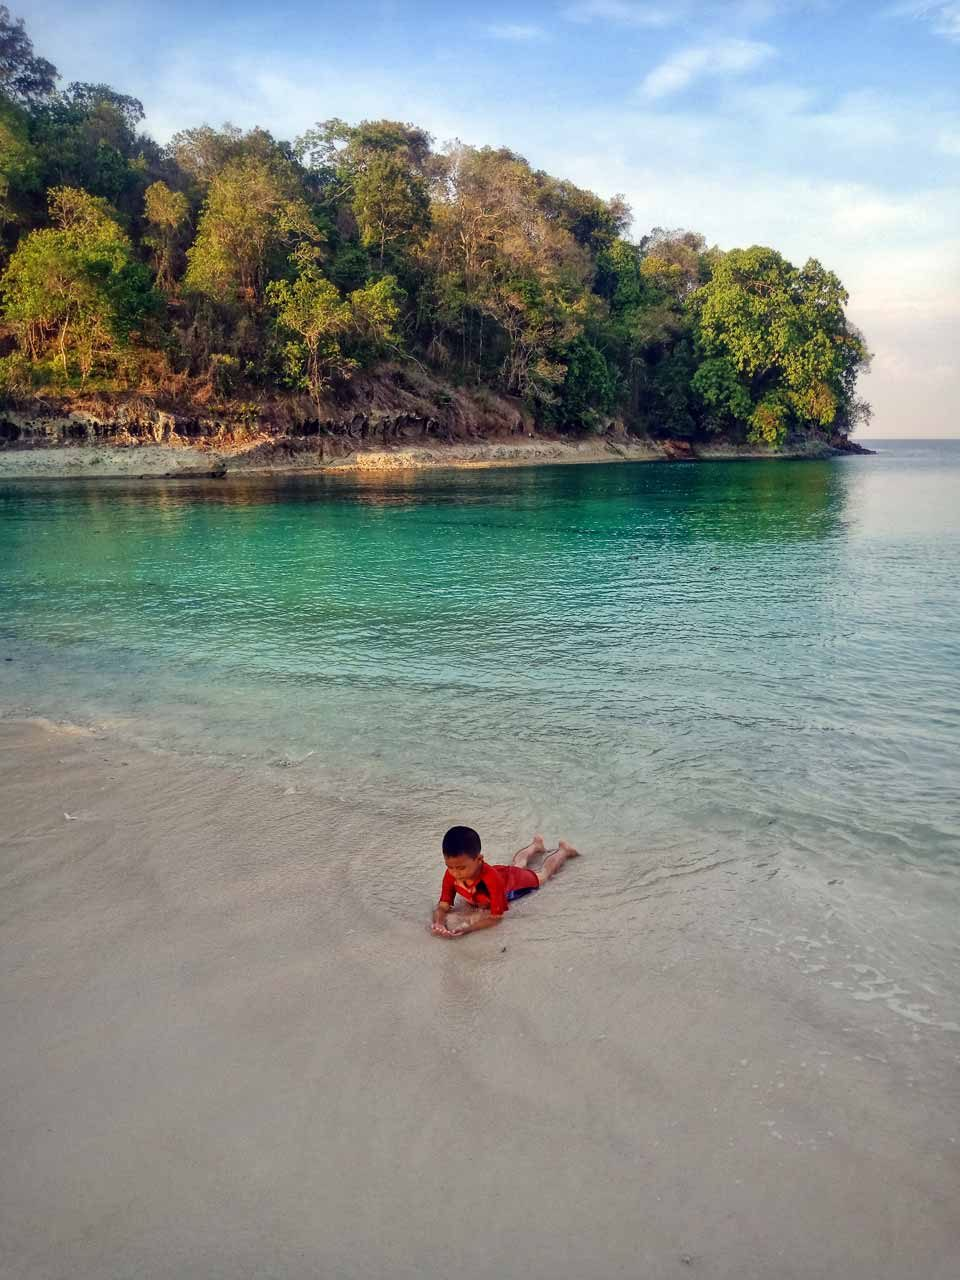 Pantai Teluk Hantu Pesawaran Lampung - kelilinglampung - Yopie Pangkey - 6